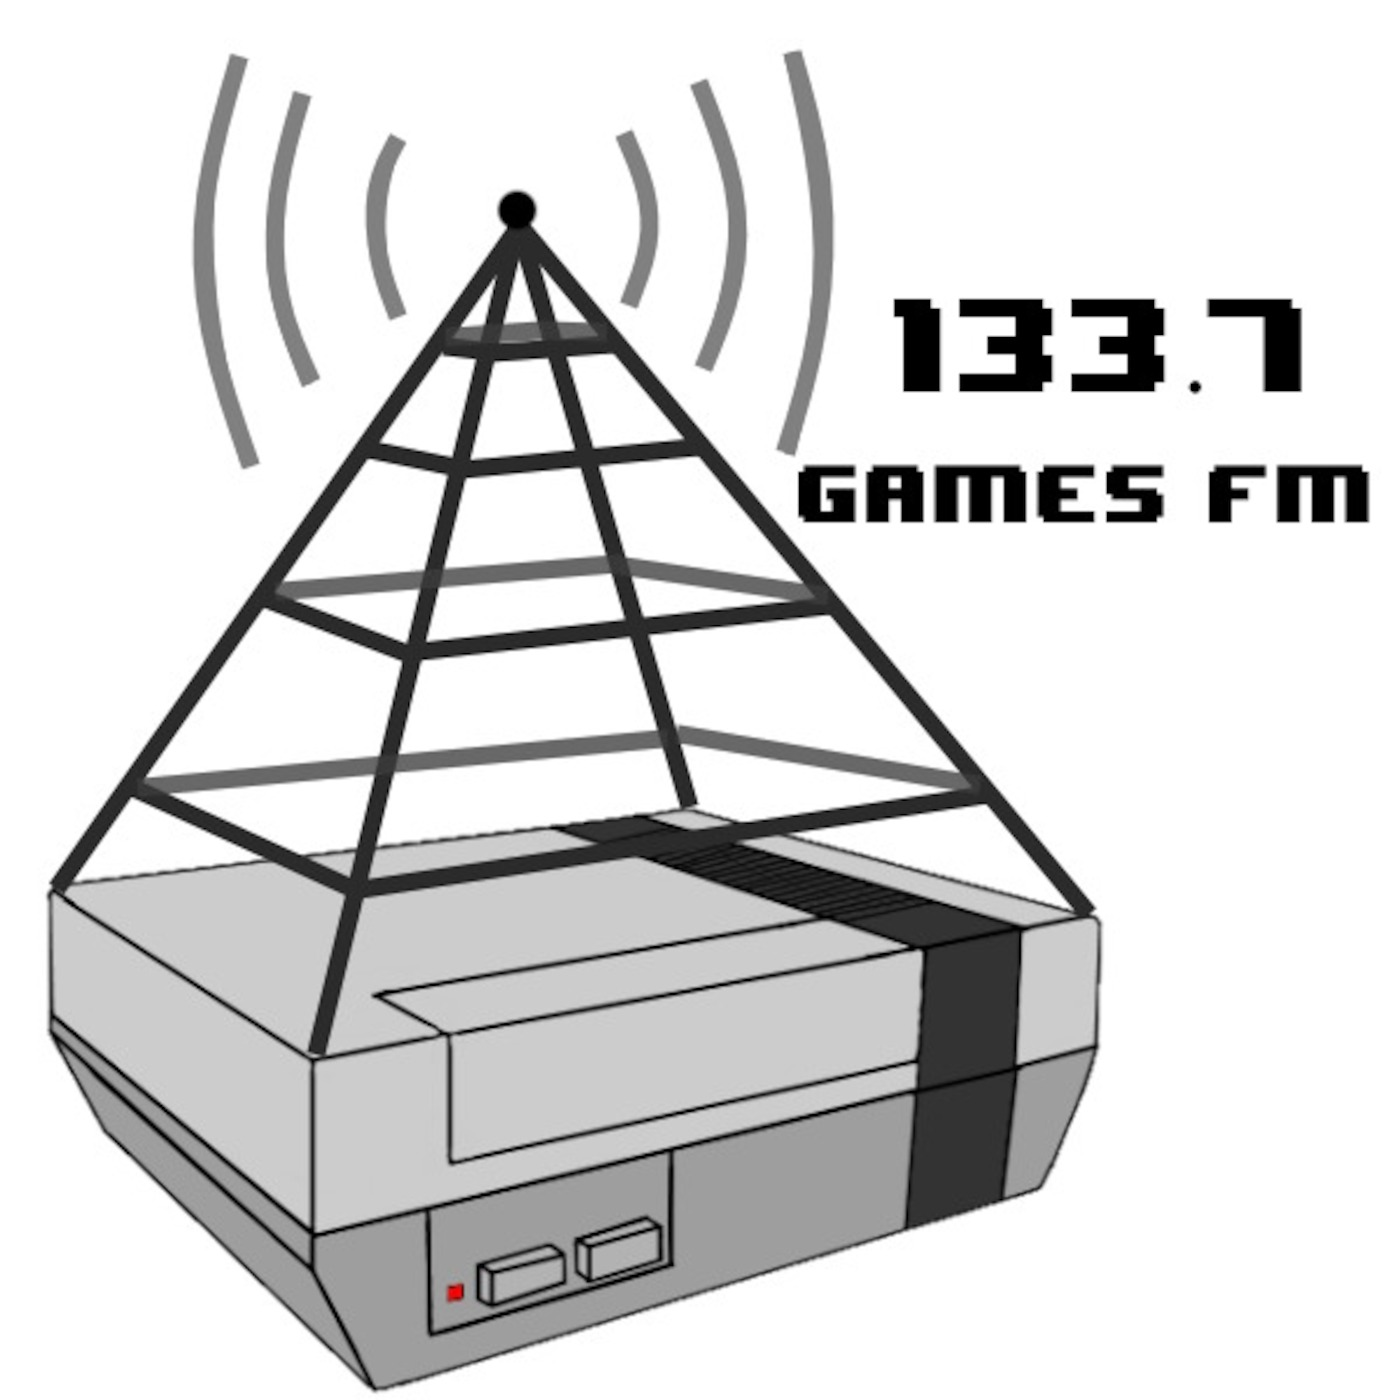 133.7 GamesFM